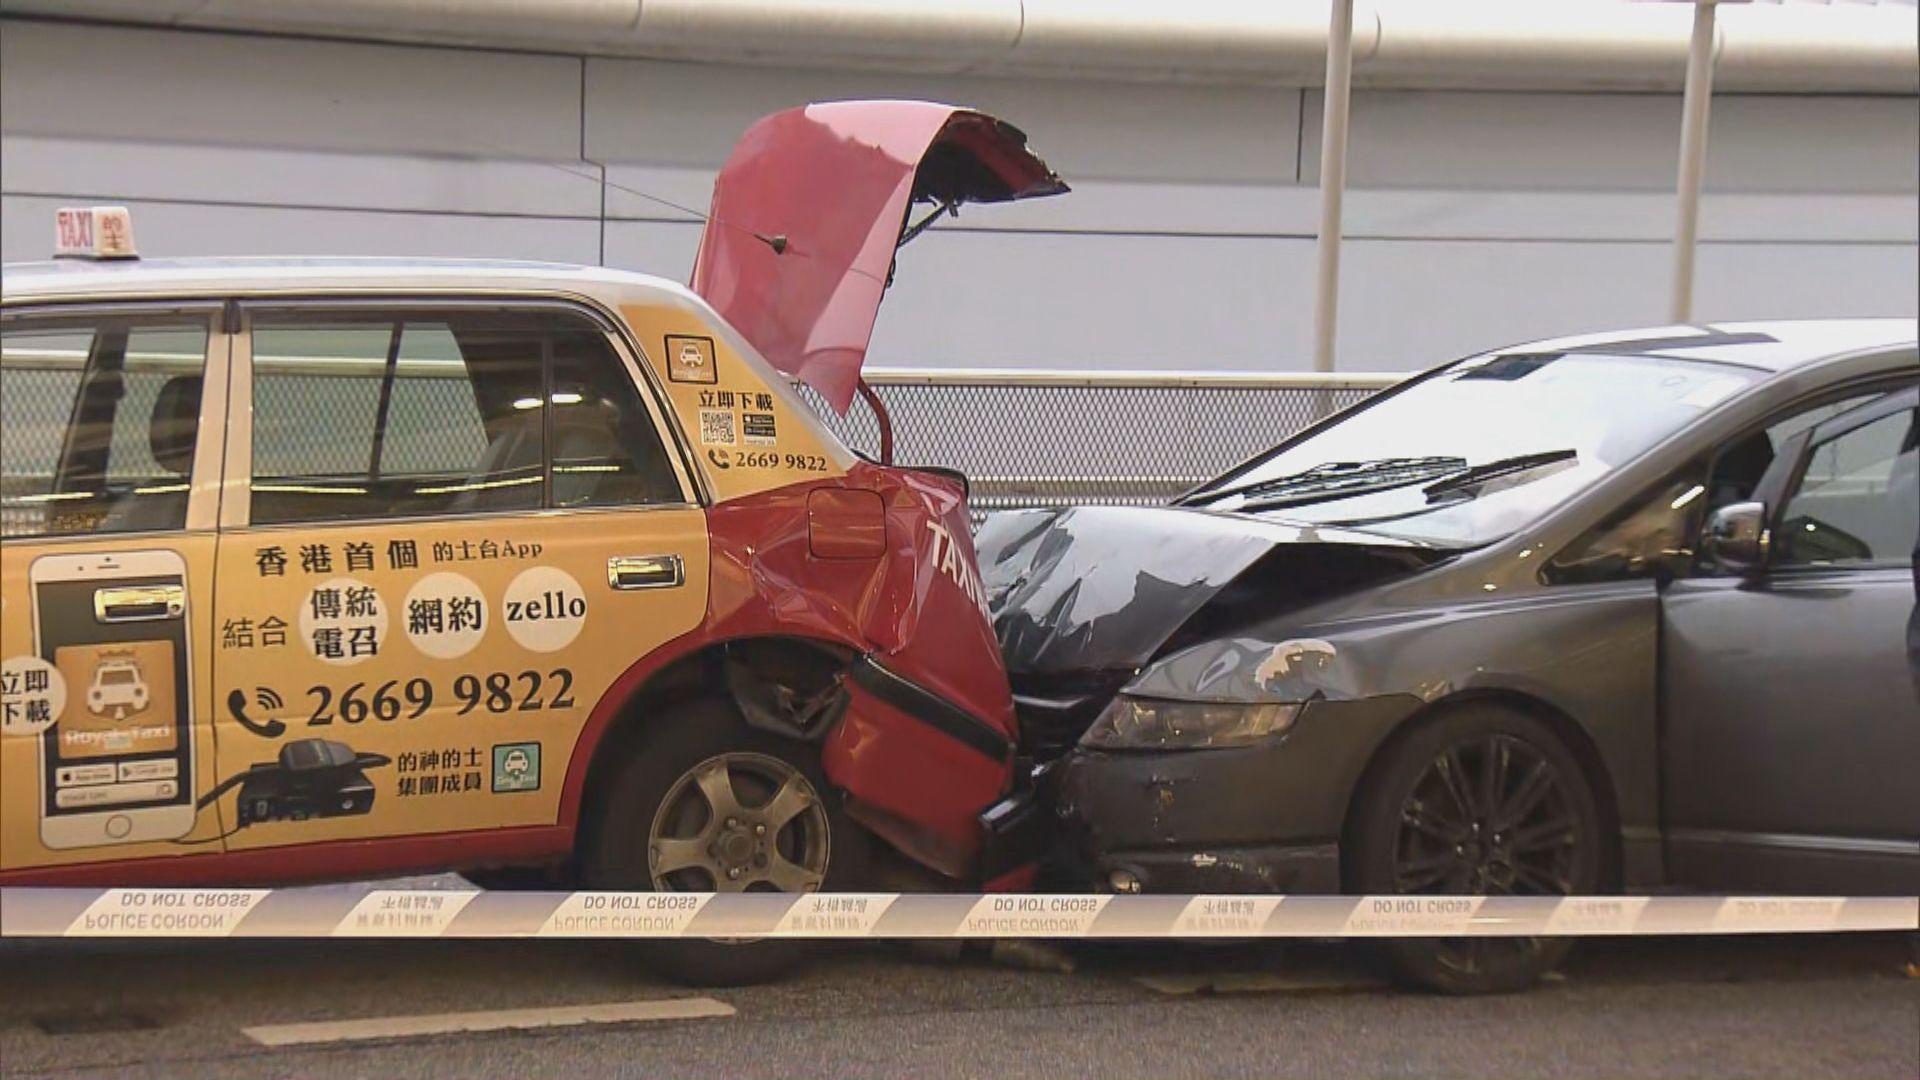 私家車衝警路障飛車廿公里撞車 警通緝司機